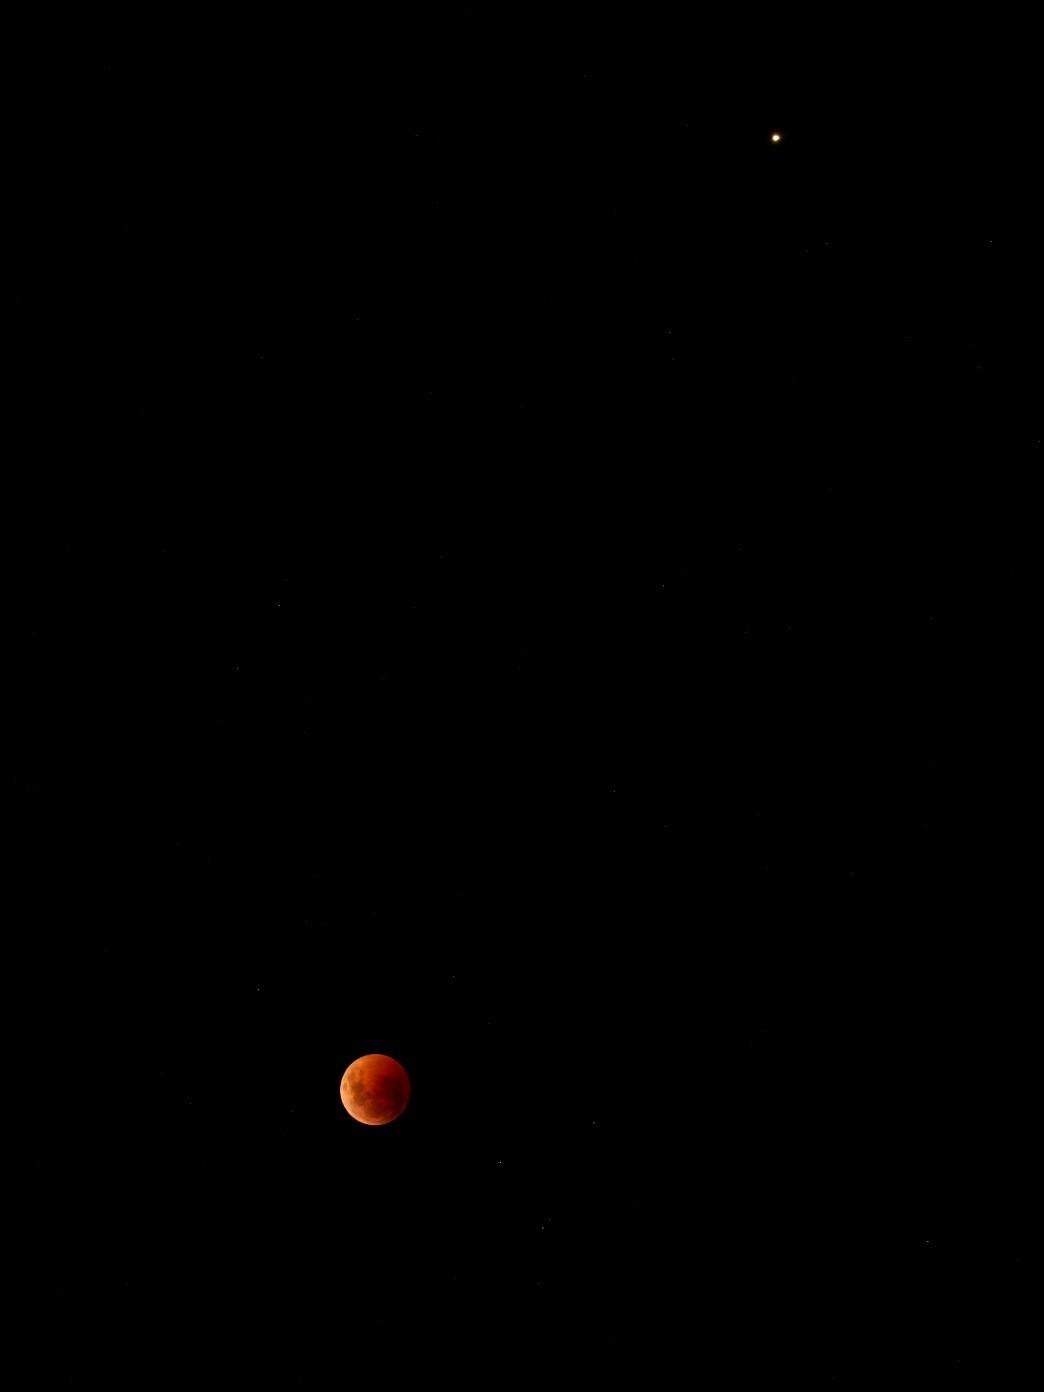 total lunar eclipse in night sky